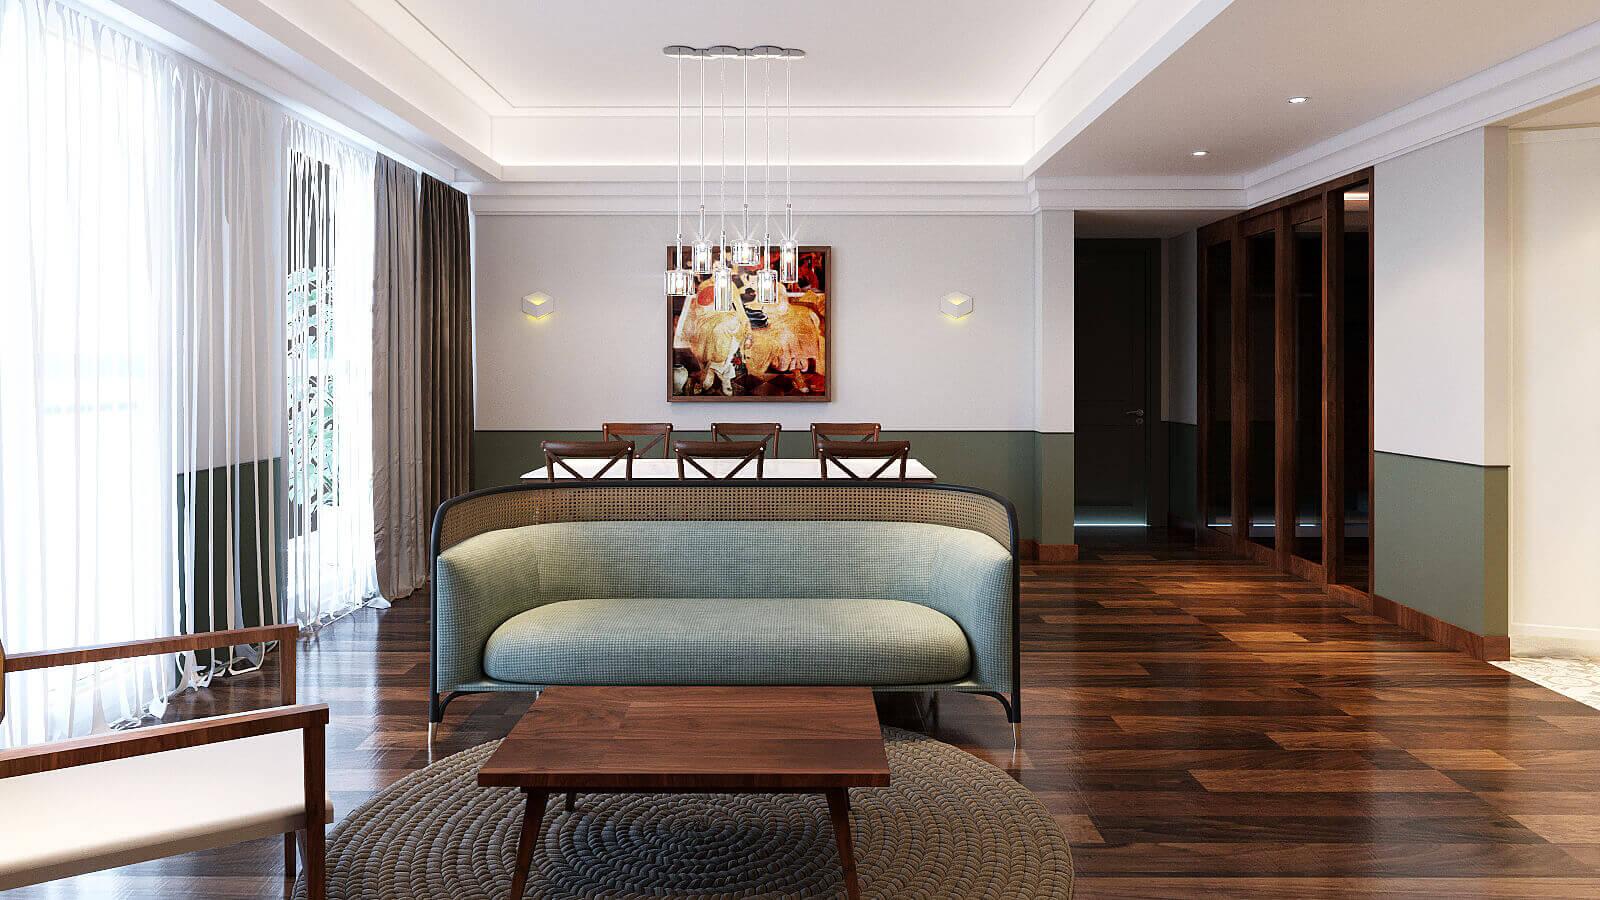 thiết kế nội thất phong cách kiến trúc indochine